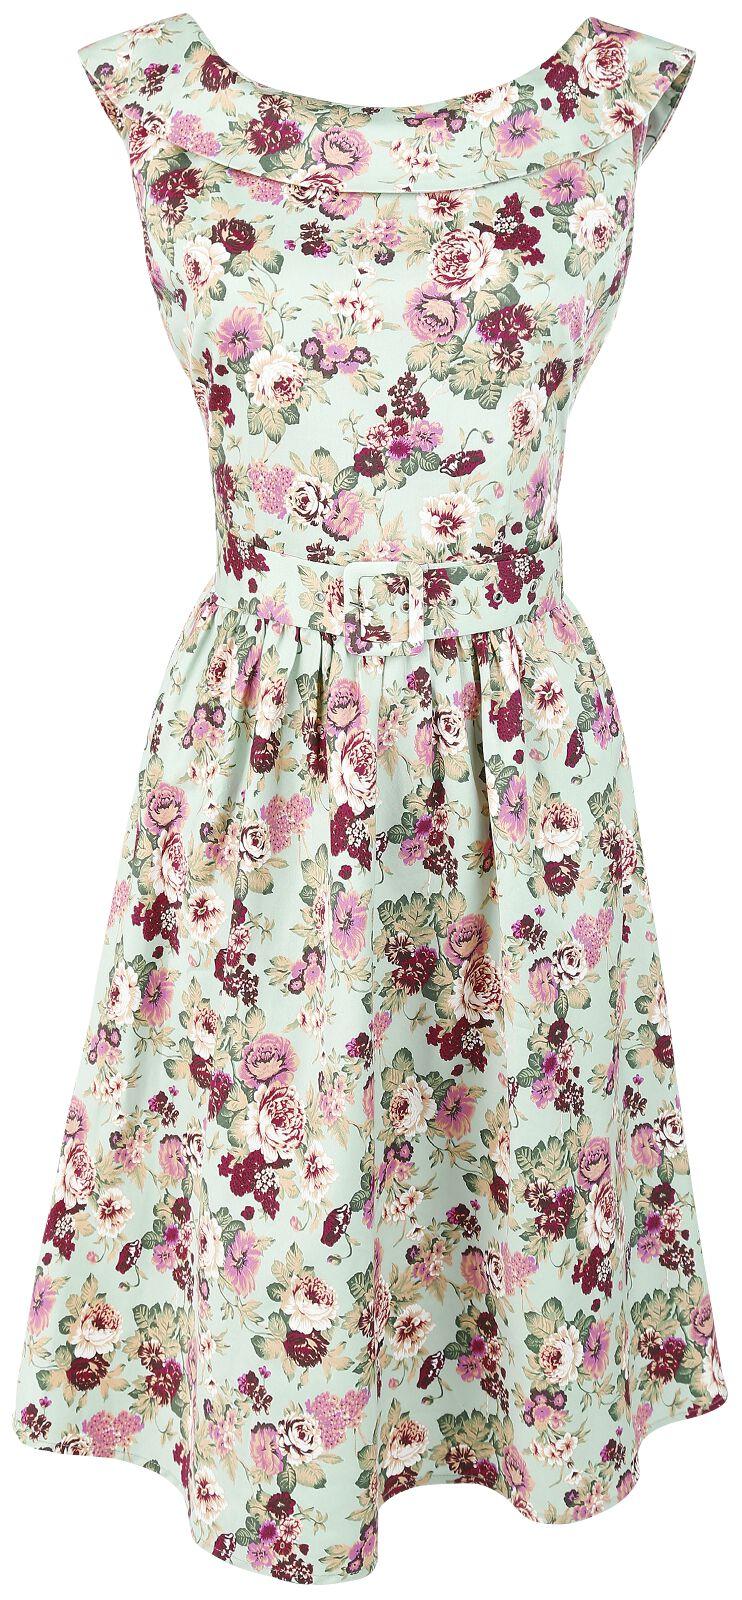 Marki - Sukienki - Sukienka Dolly and Dotty Cindy Sassy Floral Swing Vintage Dress Sukienka wielokolorowy - 344423